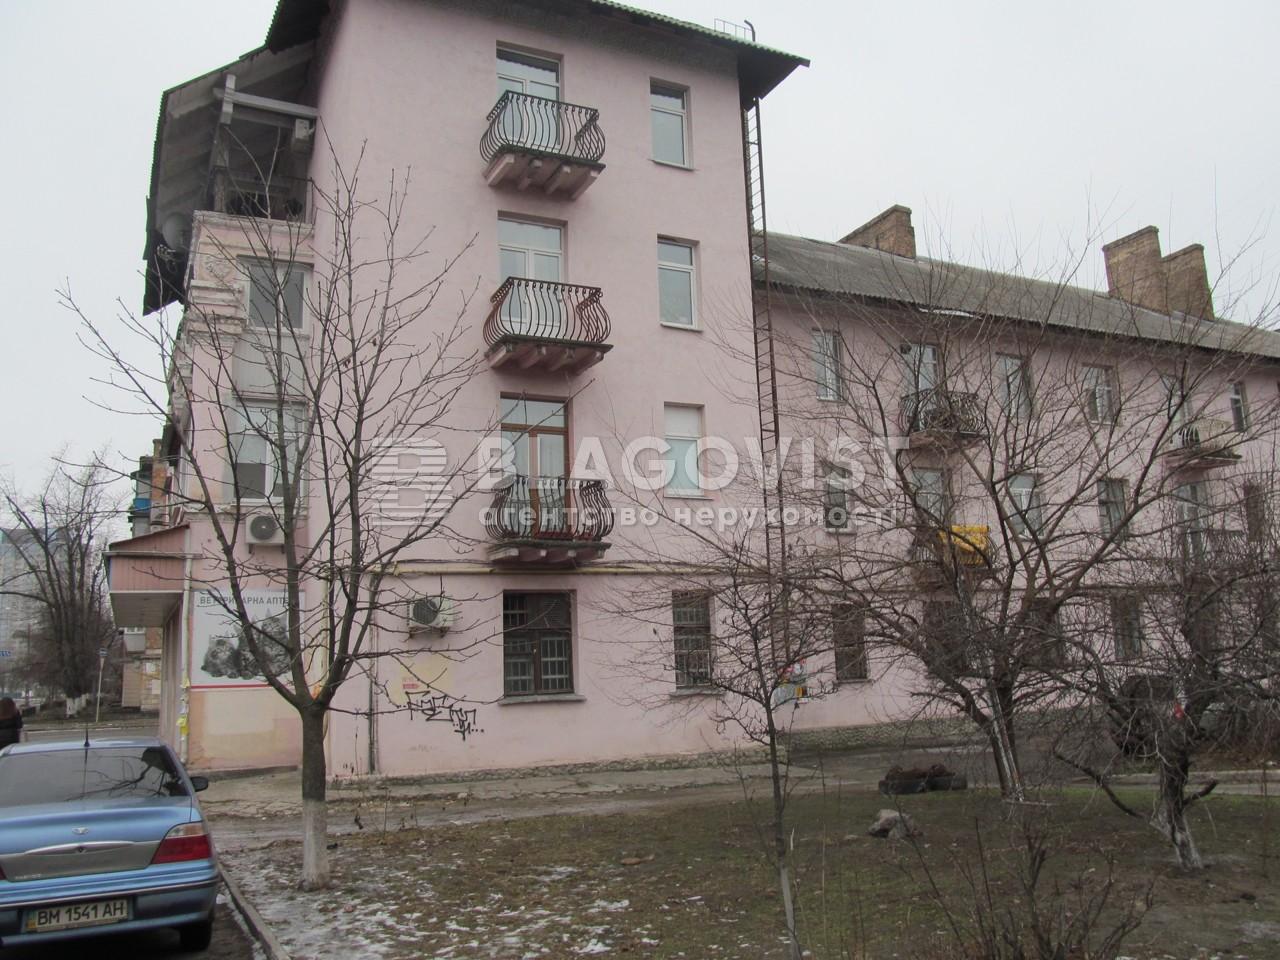 Нежитлове приміщення, H-38676, Тороповського Георгія (Дубового Івана), Київ - Фото 1